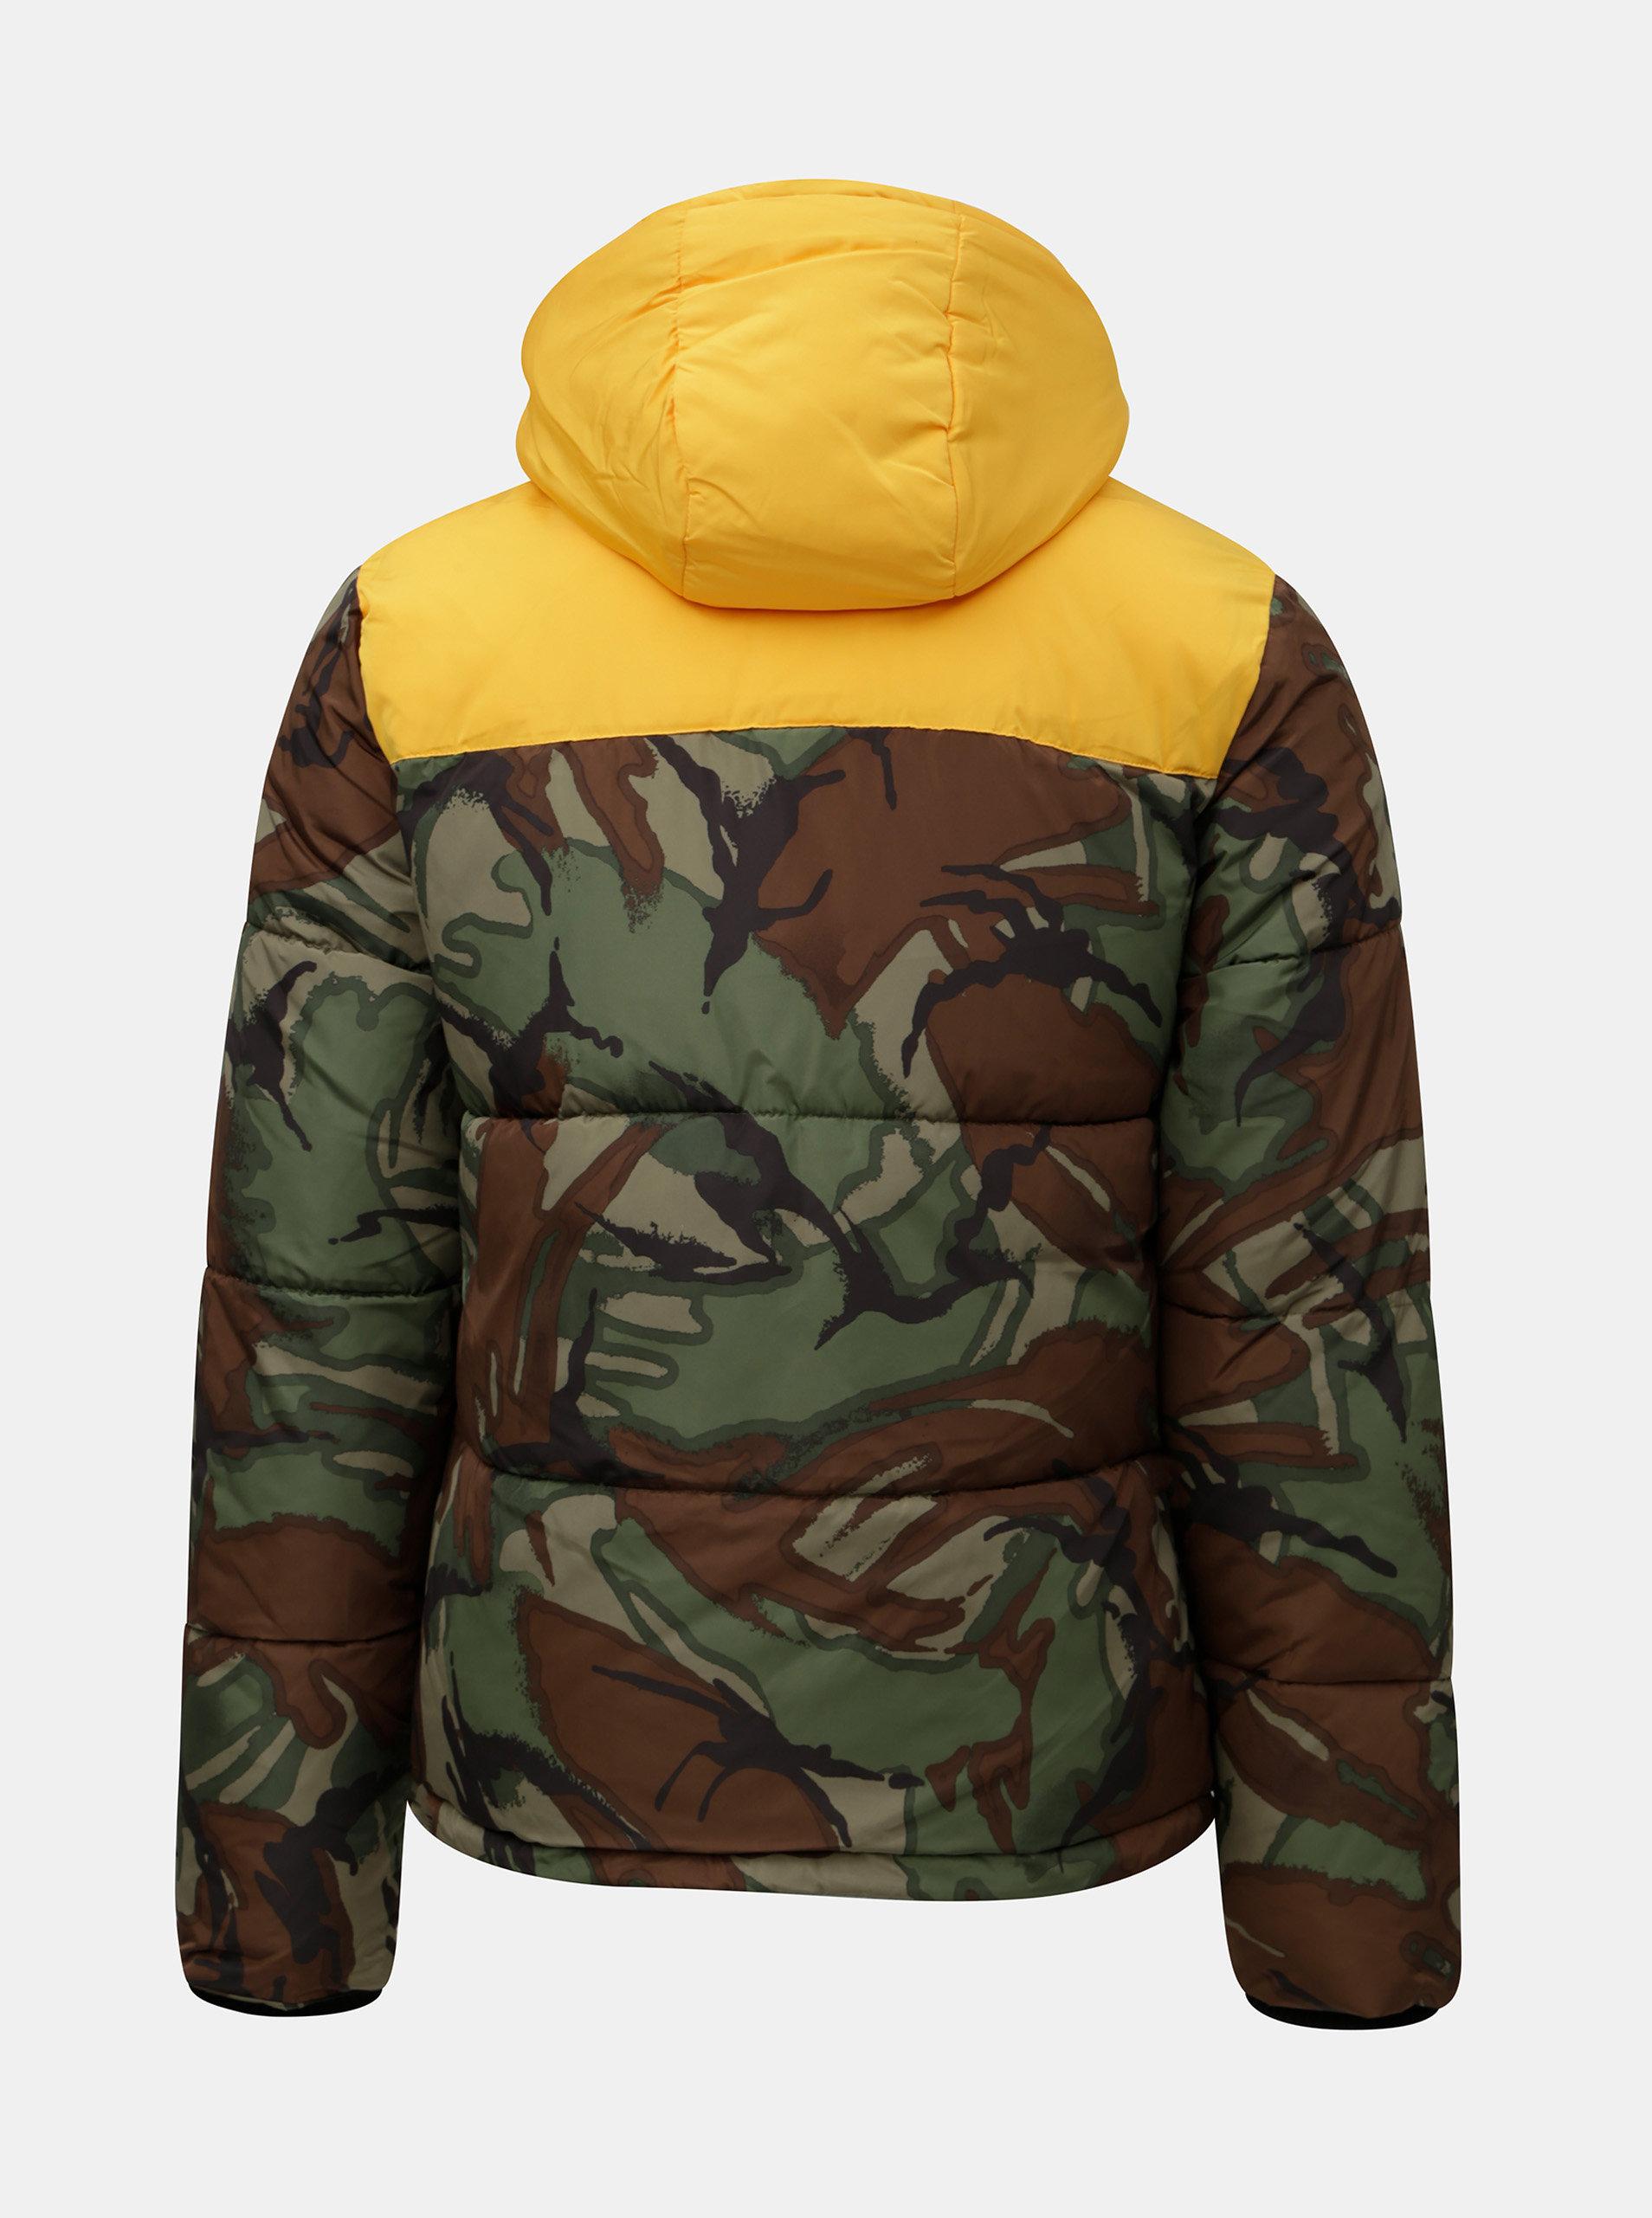 00d0bc5787d Zeleno-hnědá pánská zimní maskáčová bunda s umělým kožíškem v kapuci  Superdry Expedition ...